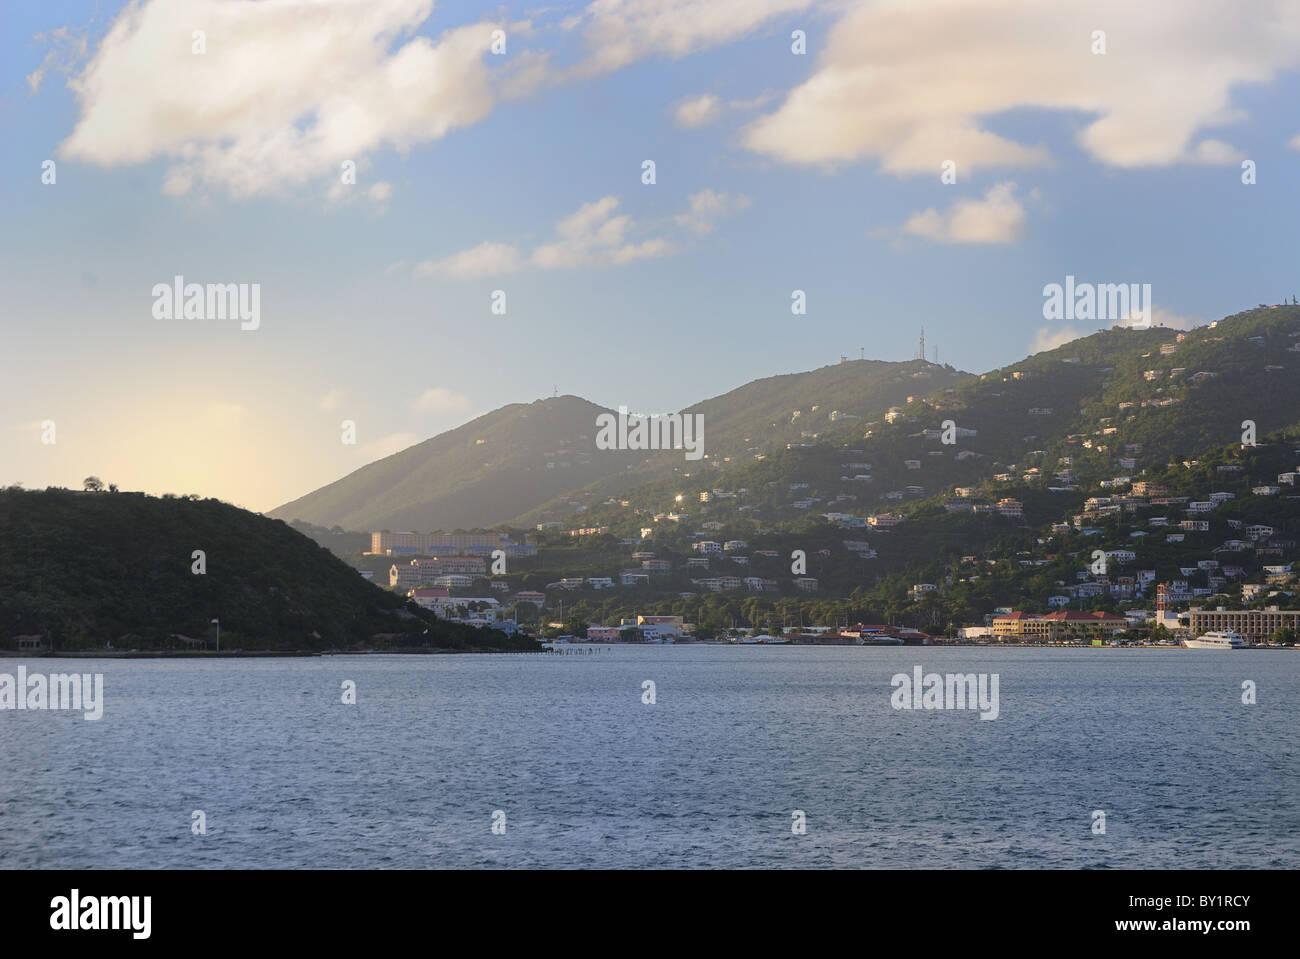 Le paradis vous attend à St Thomas, Îles Vierges des États-Unis. Photo Stock